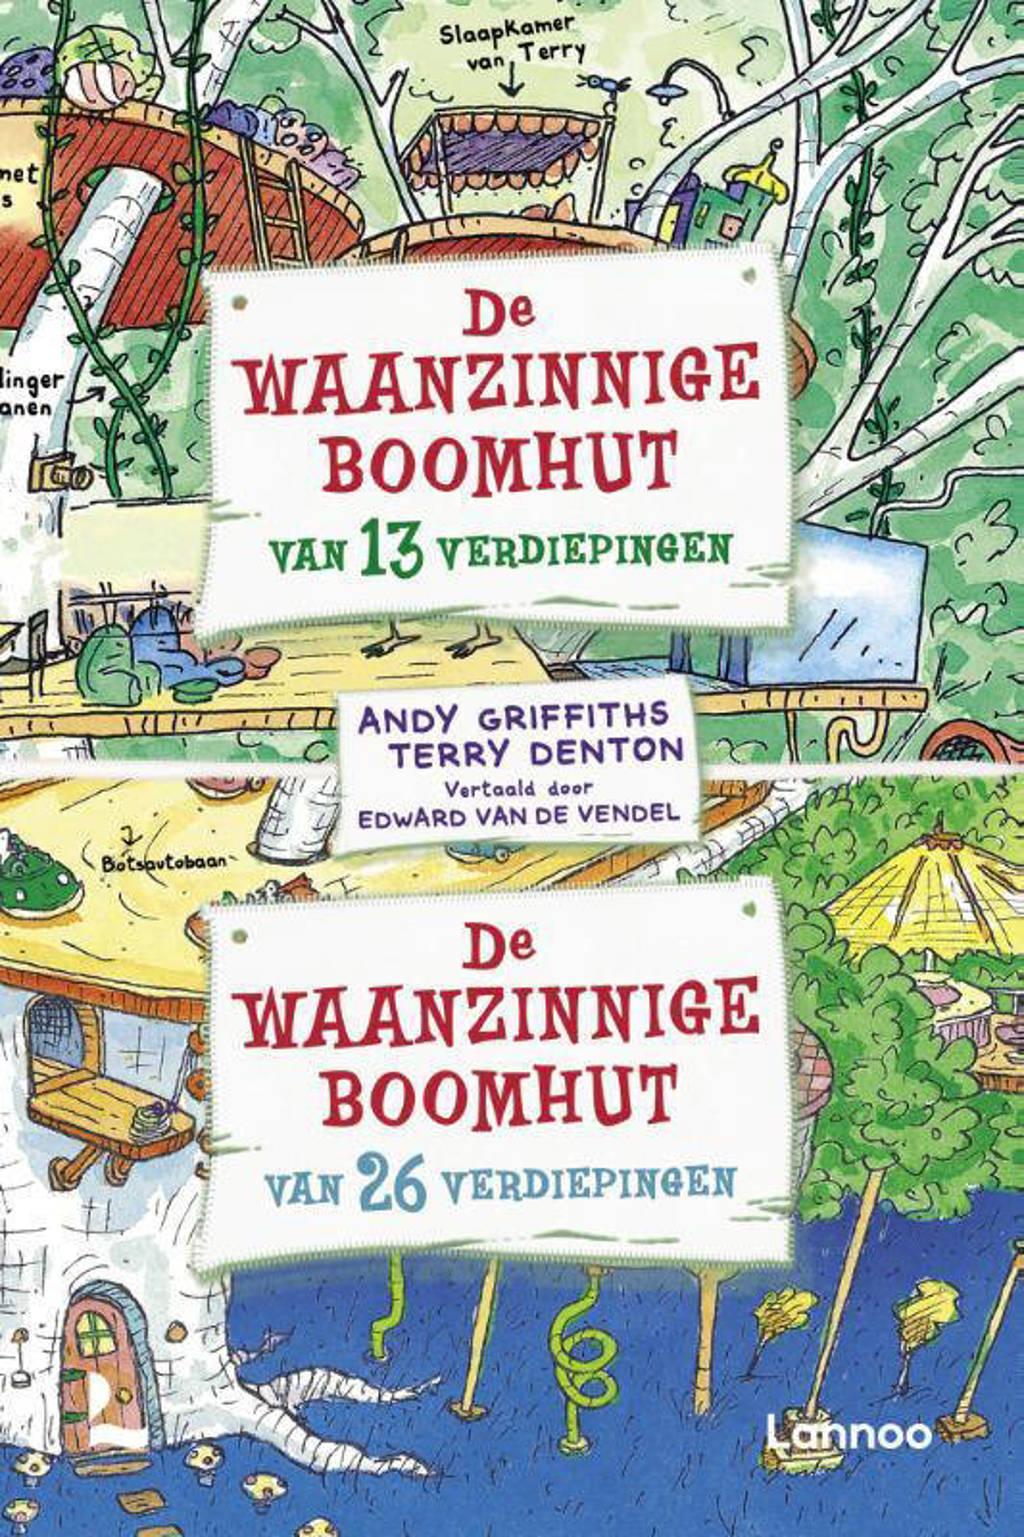 De waanzinnige boomhut: De waanzinnige boomhut van 13 en 26 verdiepingen - Andy Griffiths